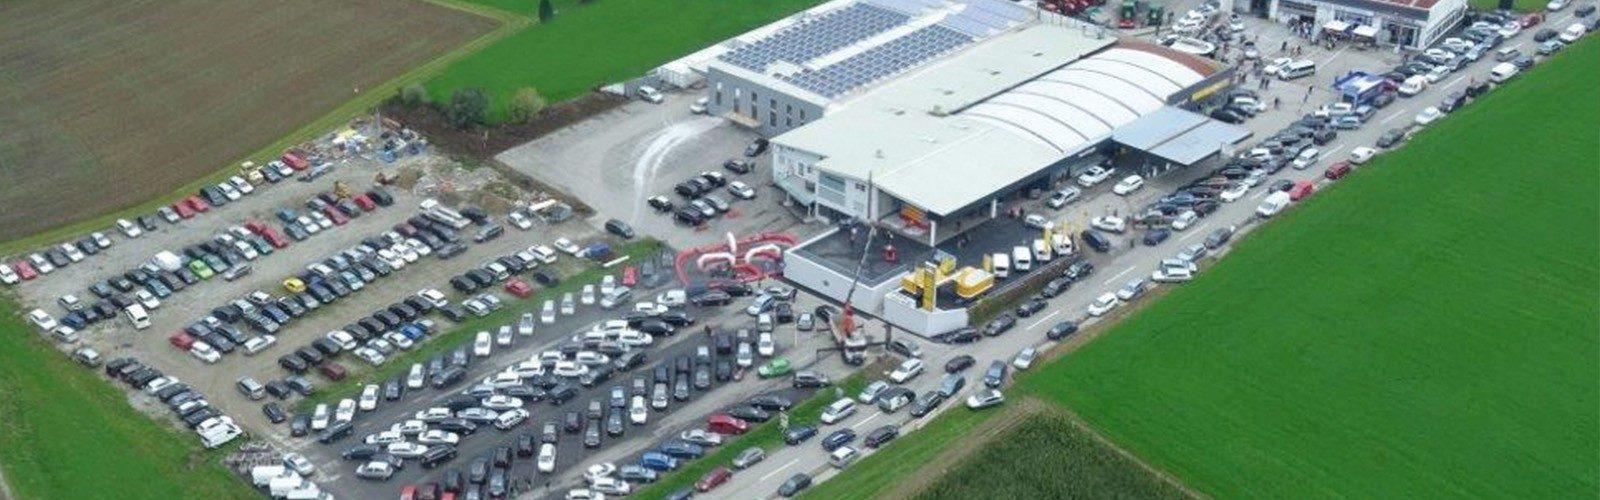 14000 m² Autoschau bei Ing. Günther Baschinger GmbH in